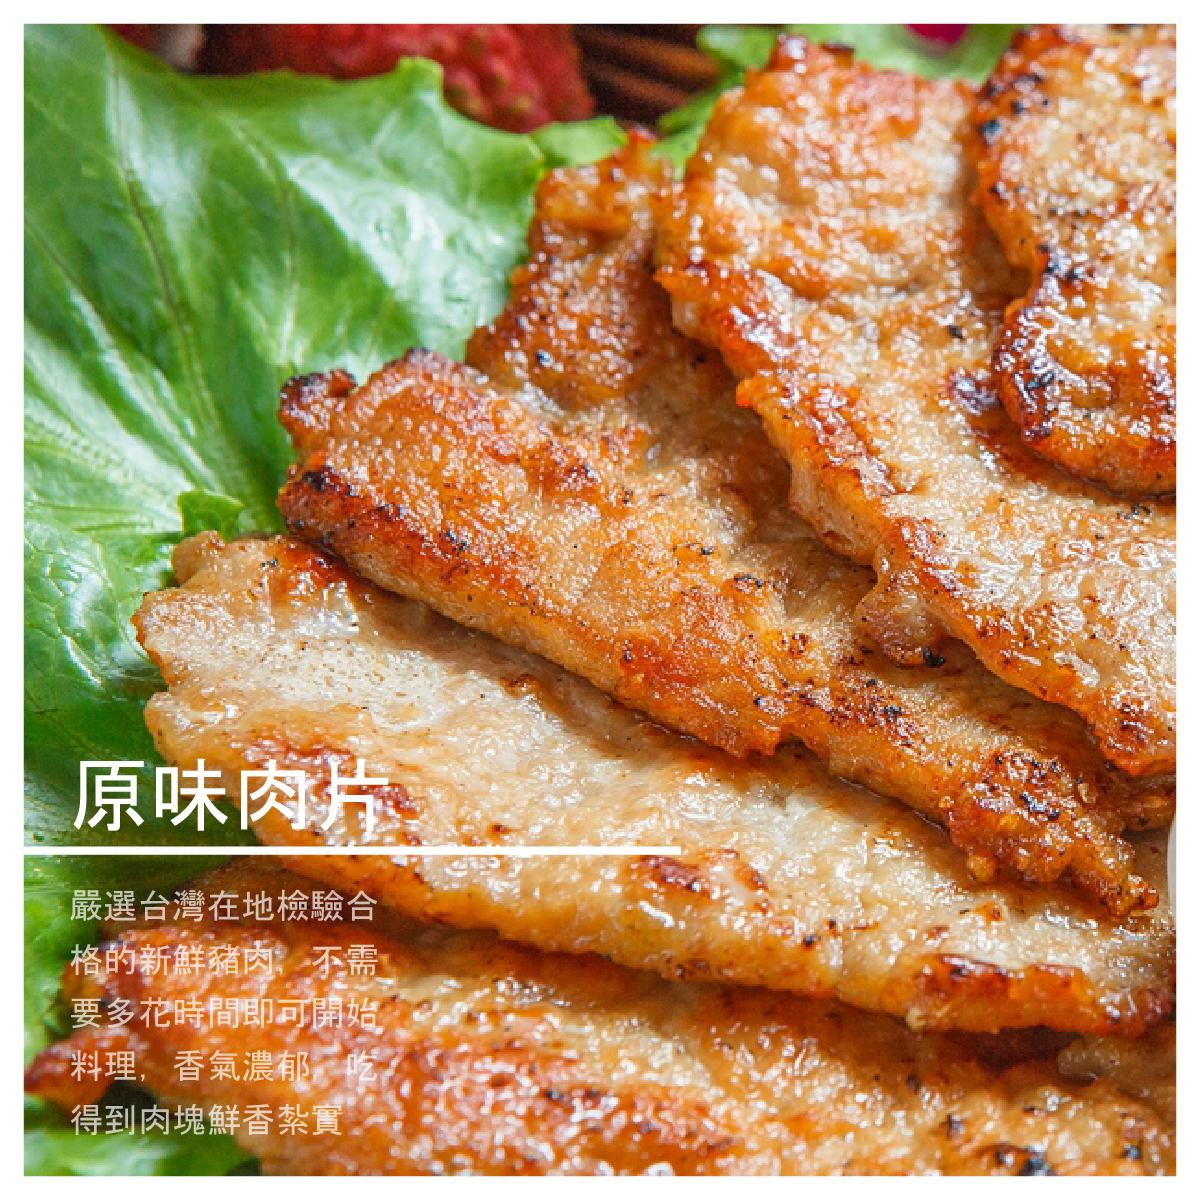 【鄭家肉棧】原味肉片 1斤/600g